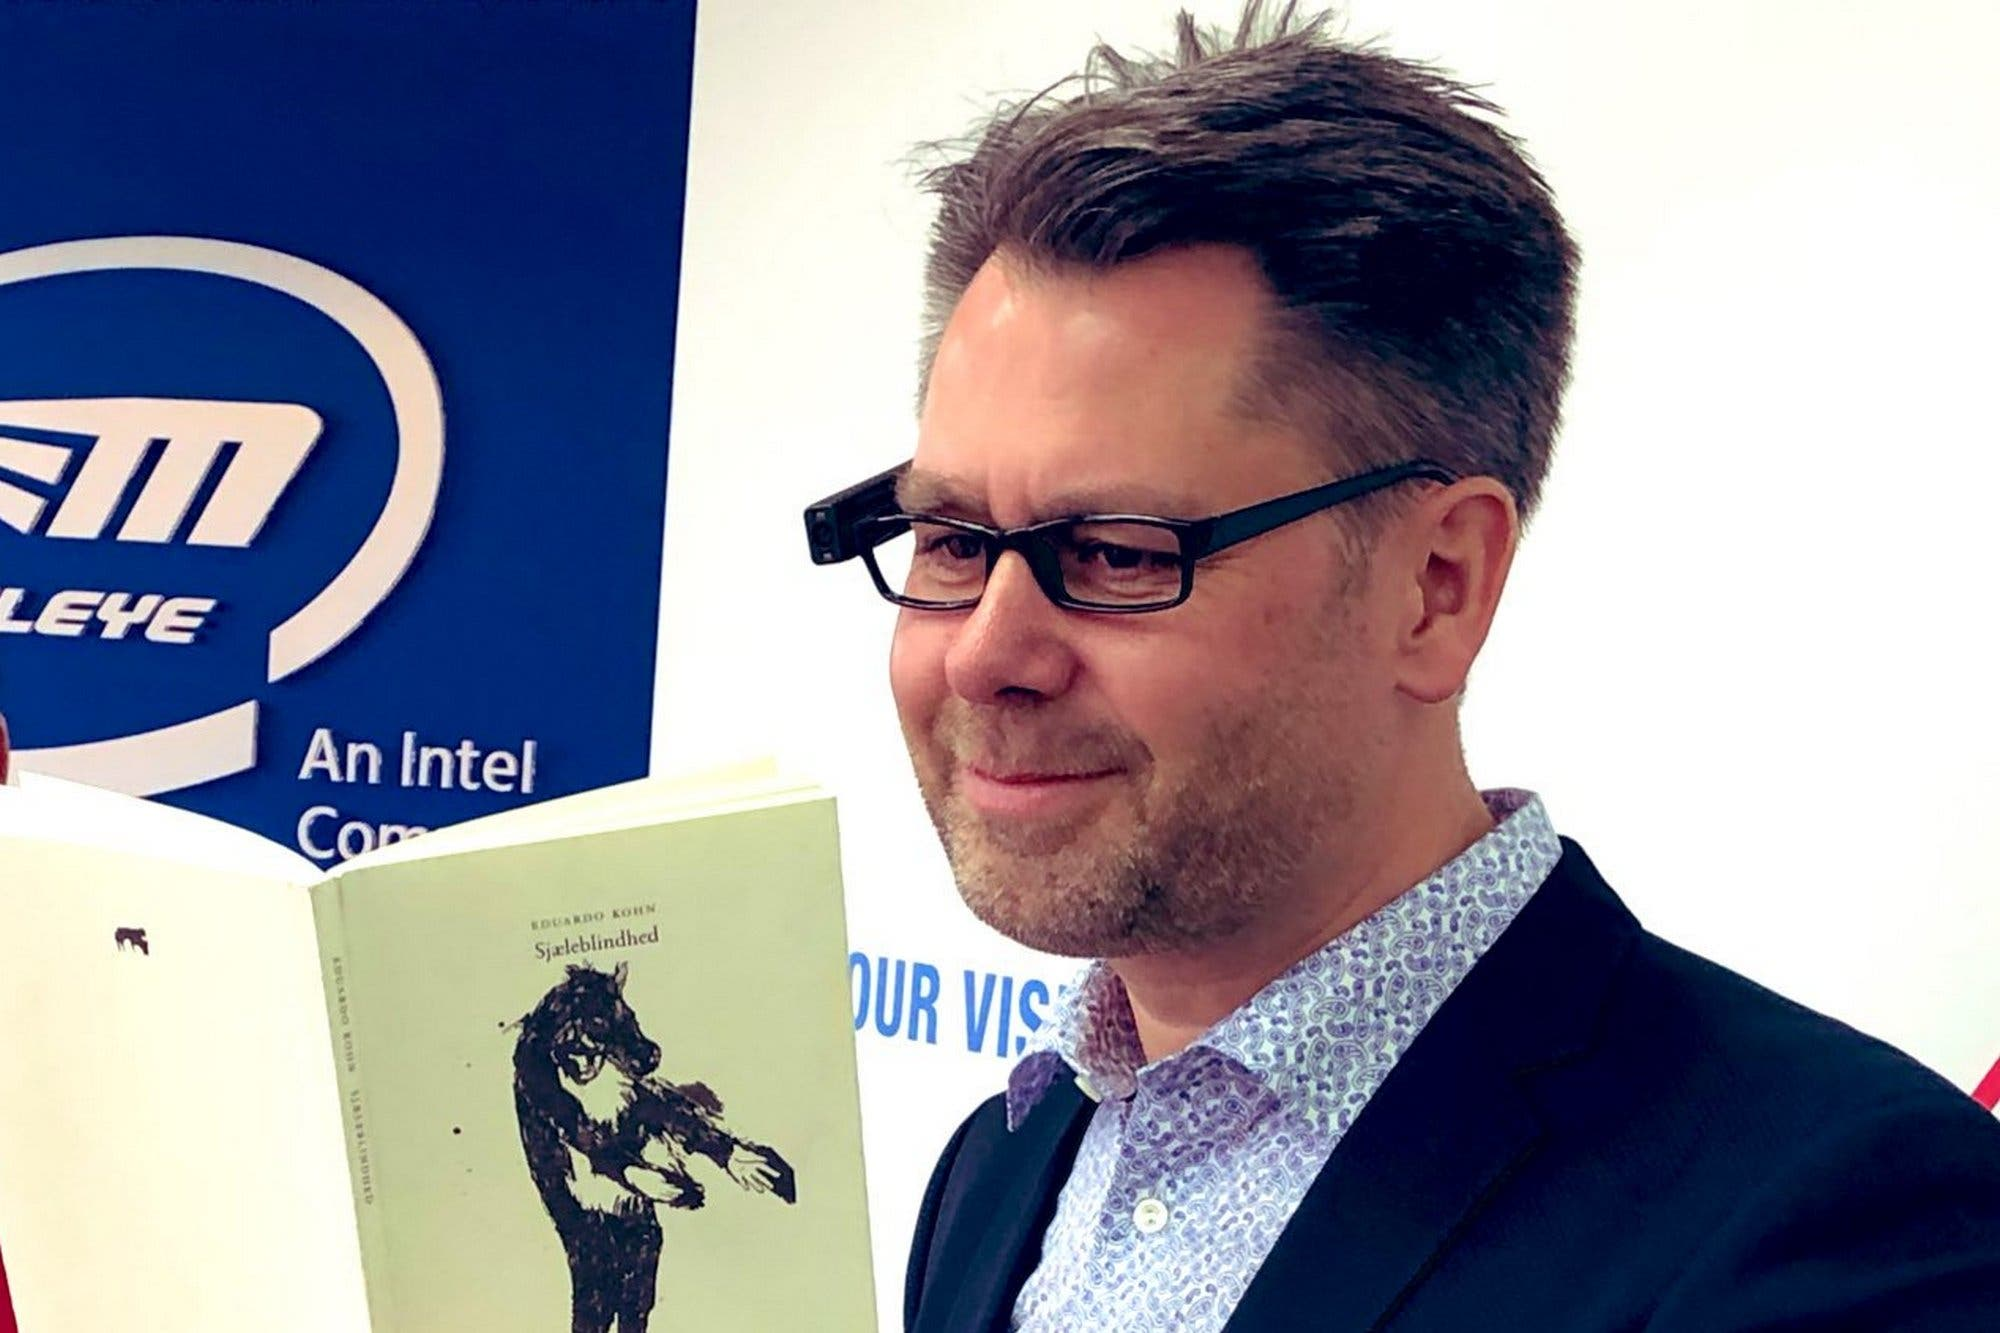 Dinamarca ya tiene un embajador para relacionarse con los gigantes de la industria tecnológica